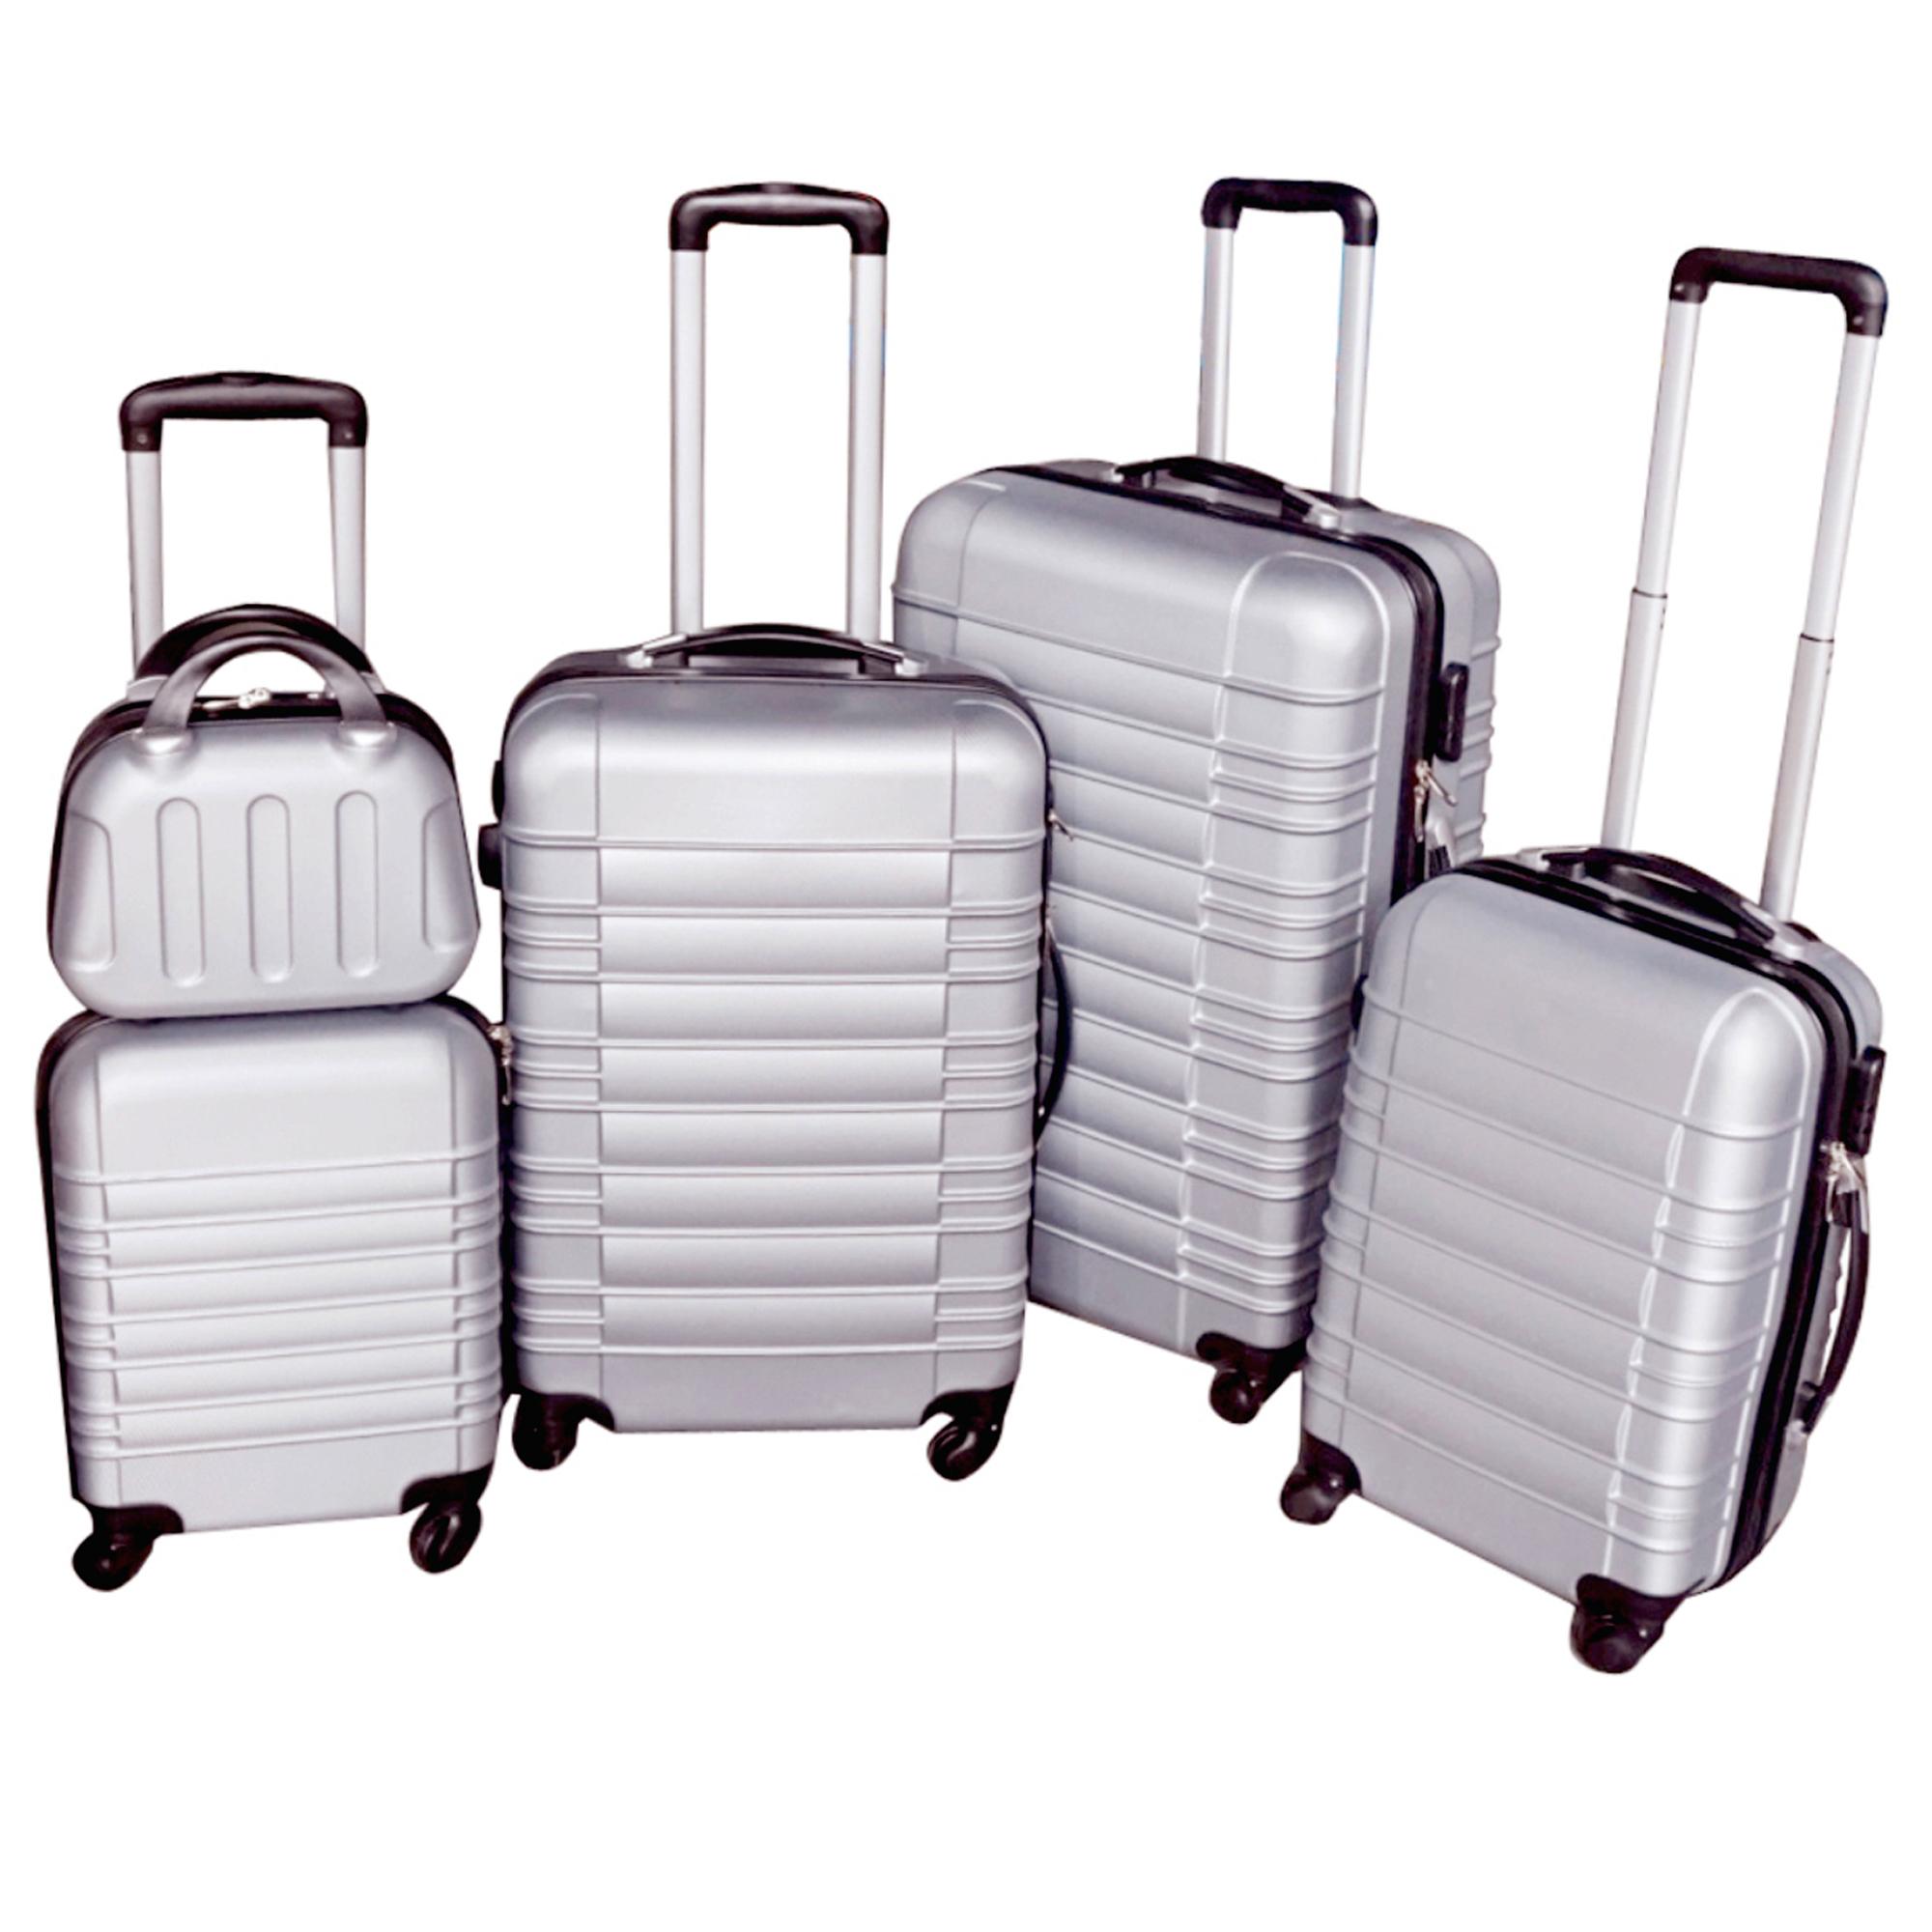 5 teiliges Koffer Set Hartschalenkoffer in 5 Farben - 6